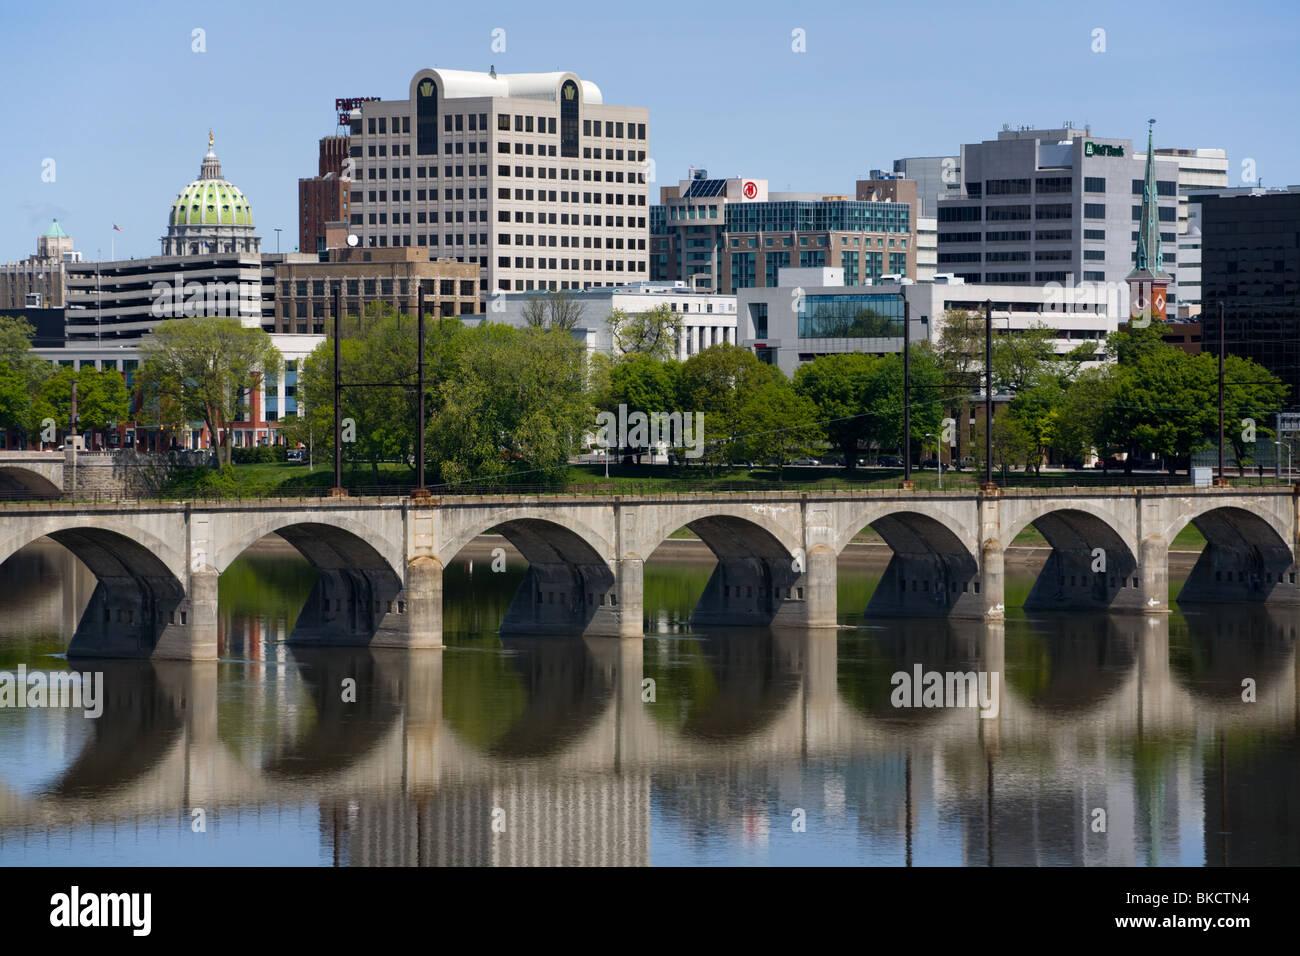 Toits de Harrisburg, capitale de l'Utah, sur la rivière Susquehanna Photo Stock